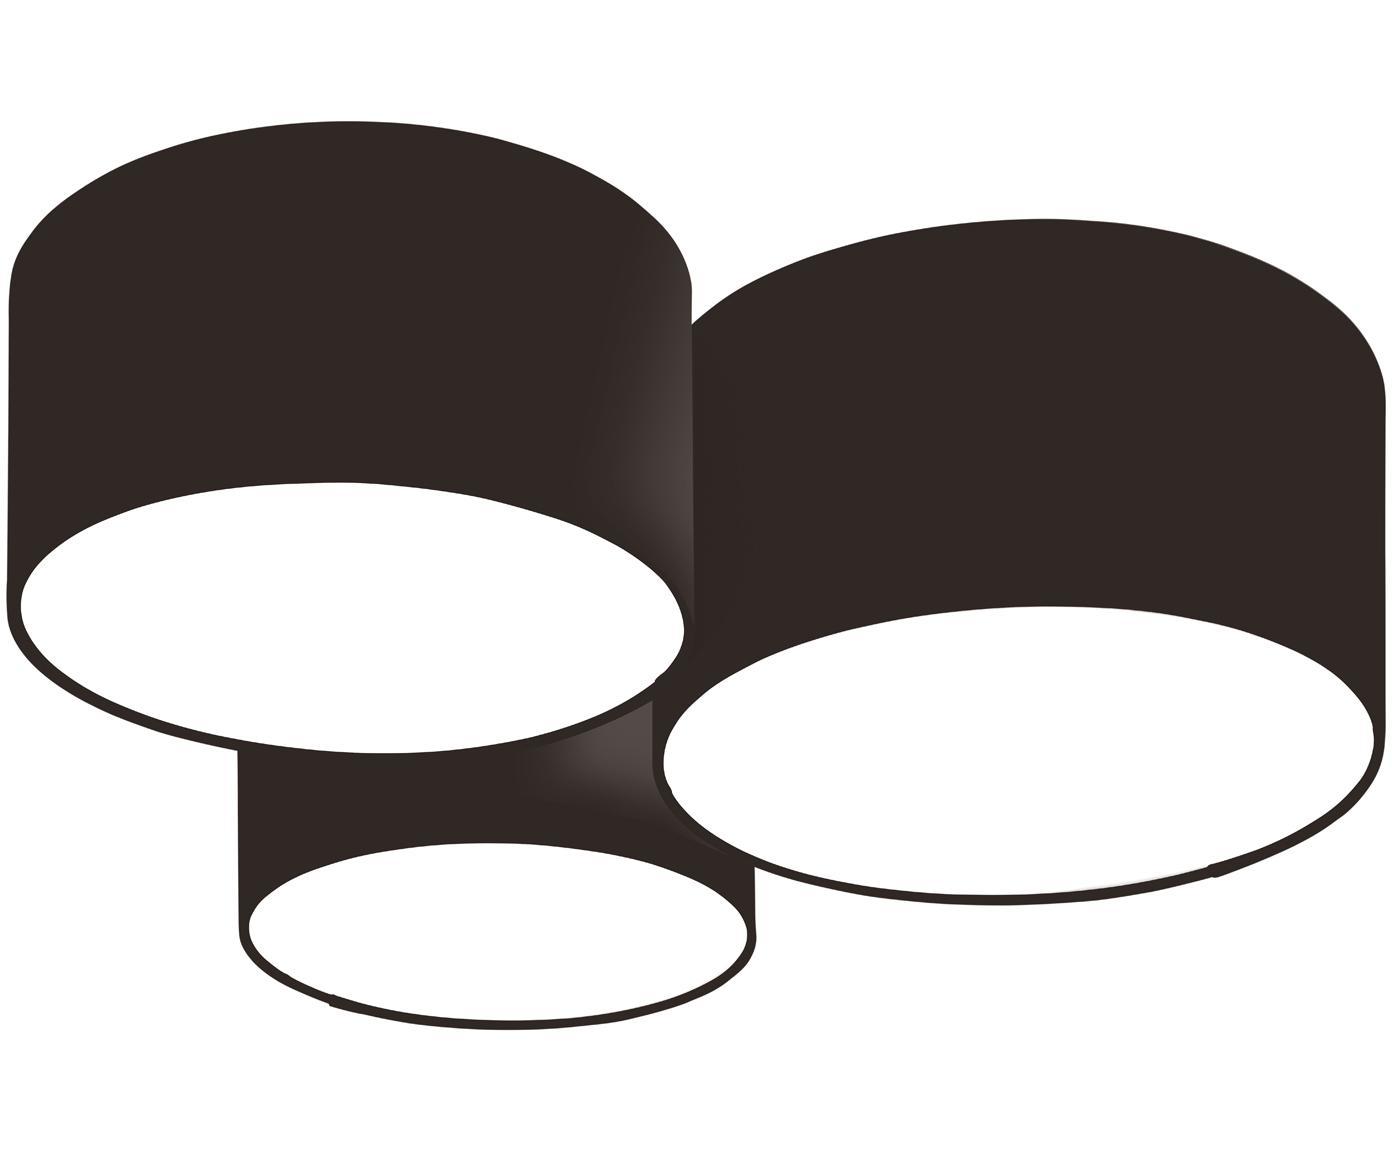 Deckenleuchte Luke, Baldachin: Metall, pulverbeschichtet, Schwarz, ∅ 61 x H 26 cm